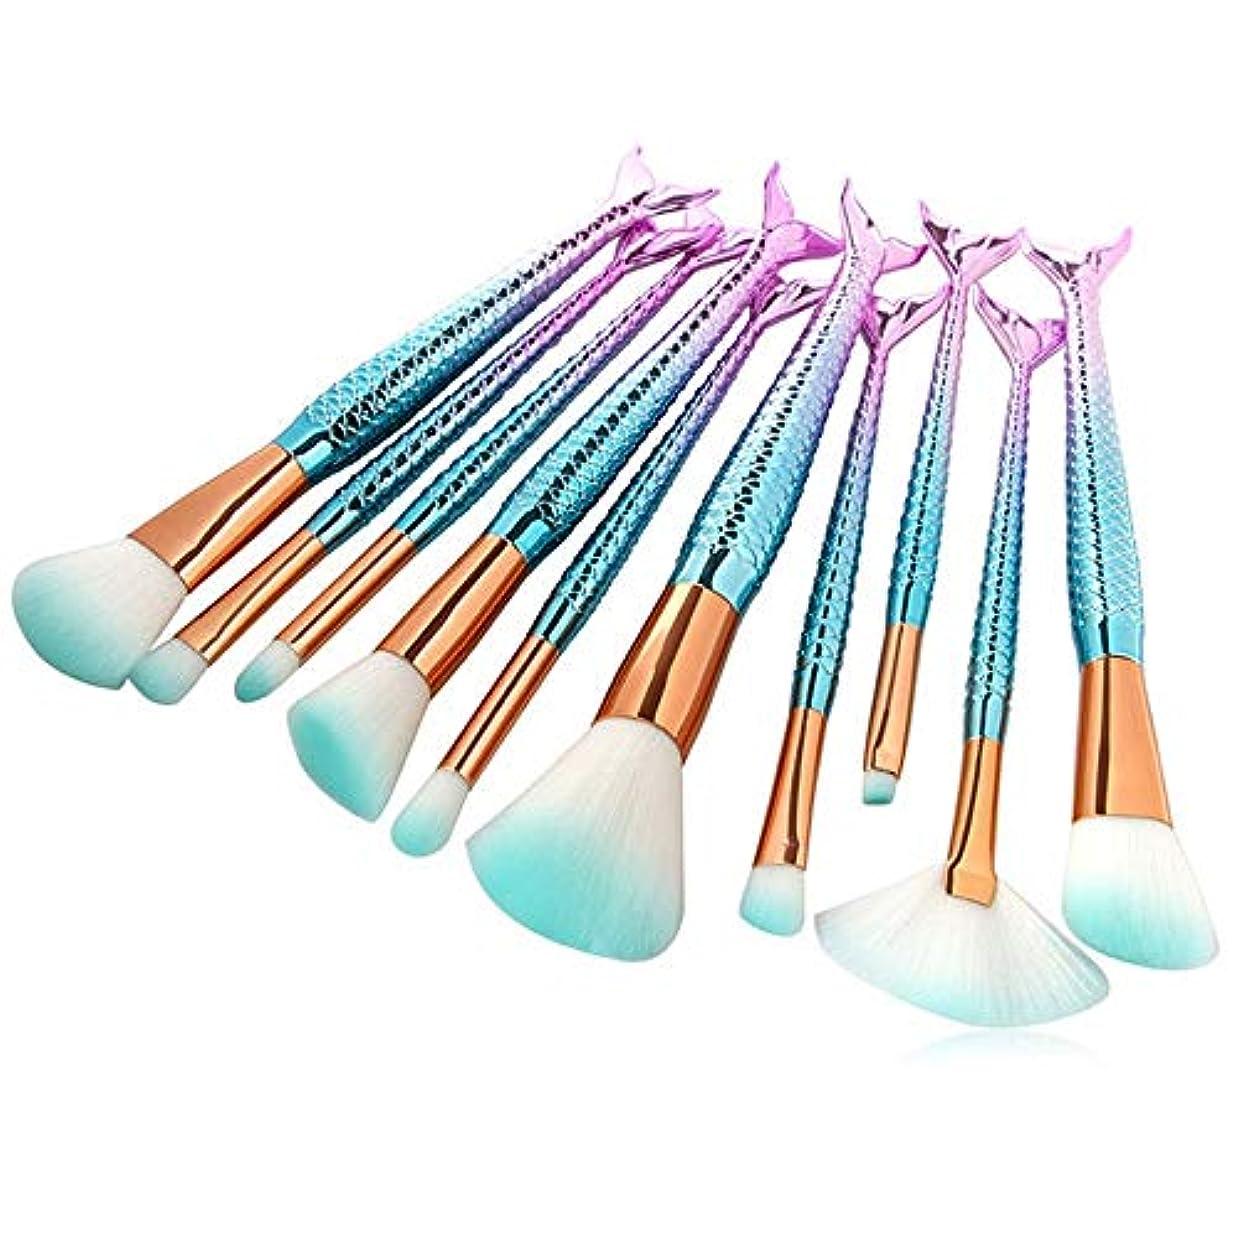 守るヒント極地Makeup brushes 10個マーメイドブラシメイクアップキット美容ツールフィッシュテールカブキブラシクリーナーレインボーアイシャドウブラッシュパウダーフェイスブラシリグ suits (Color : Blue Gradient)